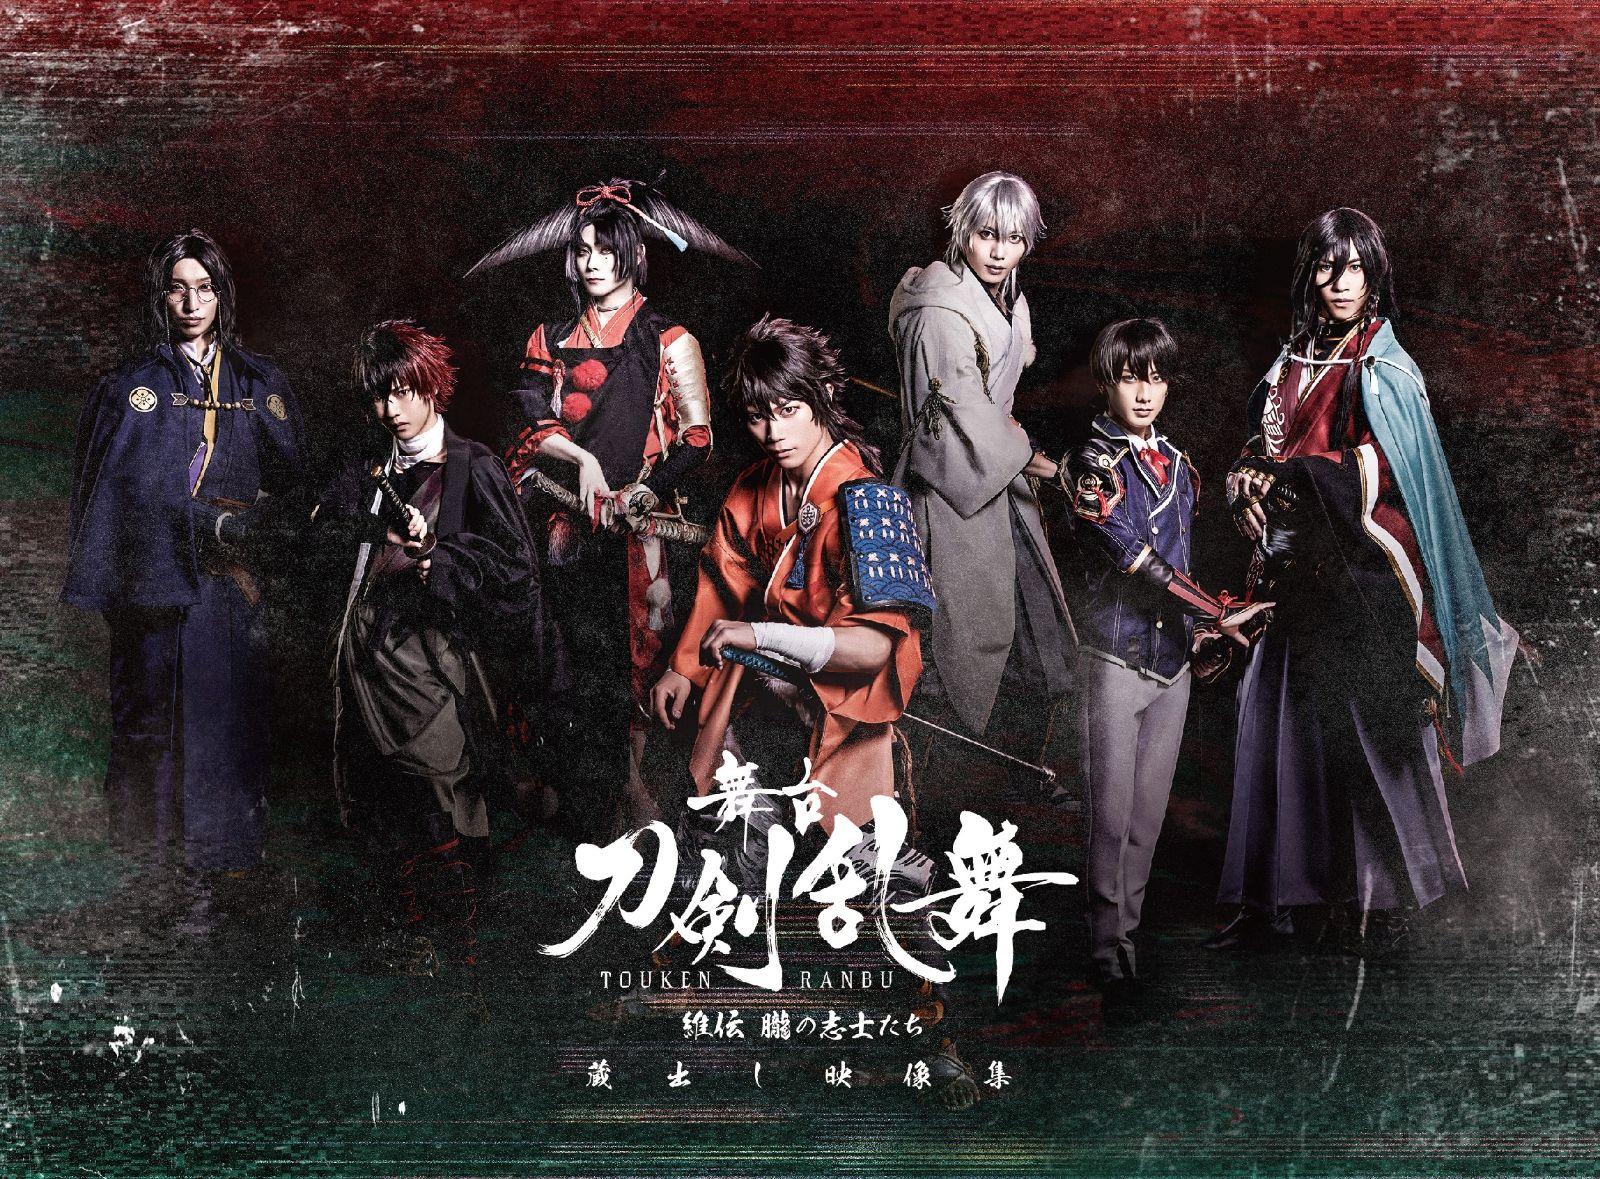 舞台『刀剣乱舞』蔵出し映像集ー維伝 朧の志士たち 篇ー【Blu-ray】